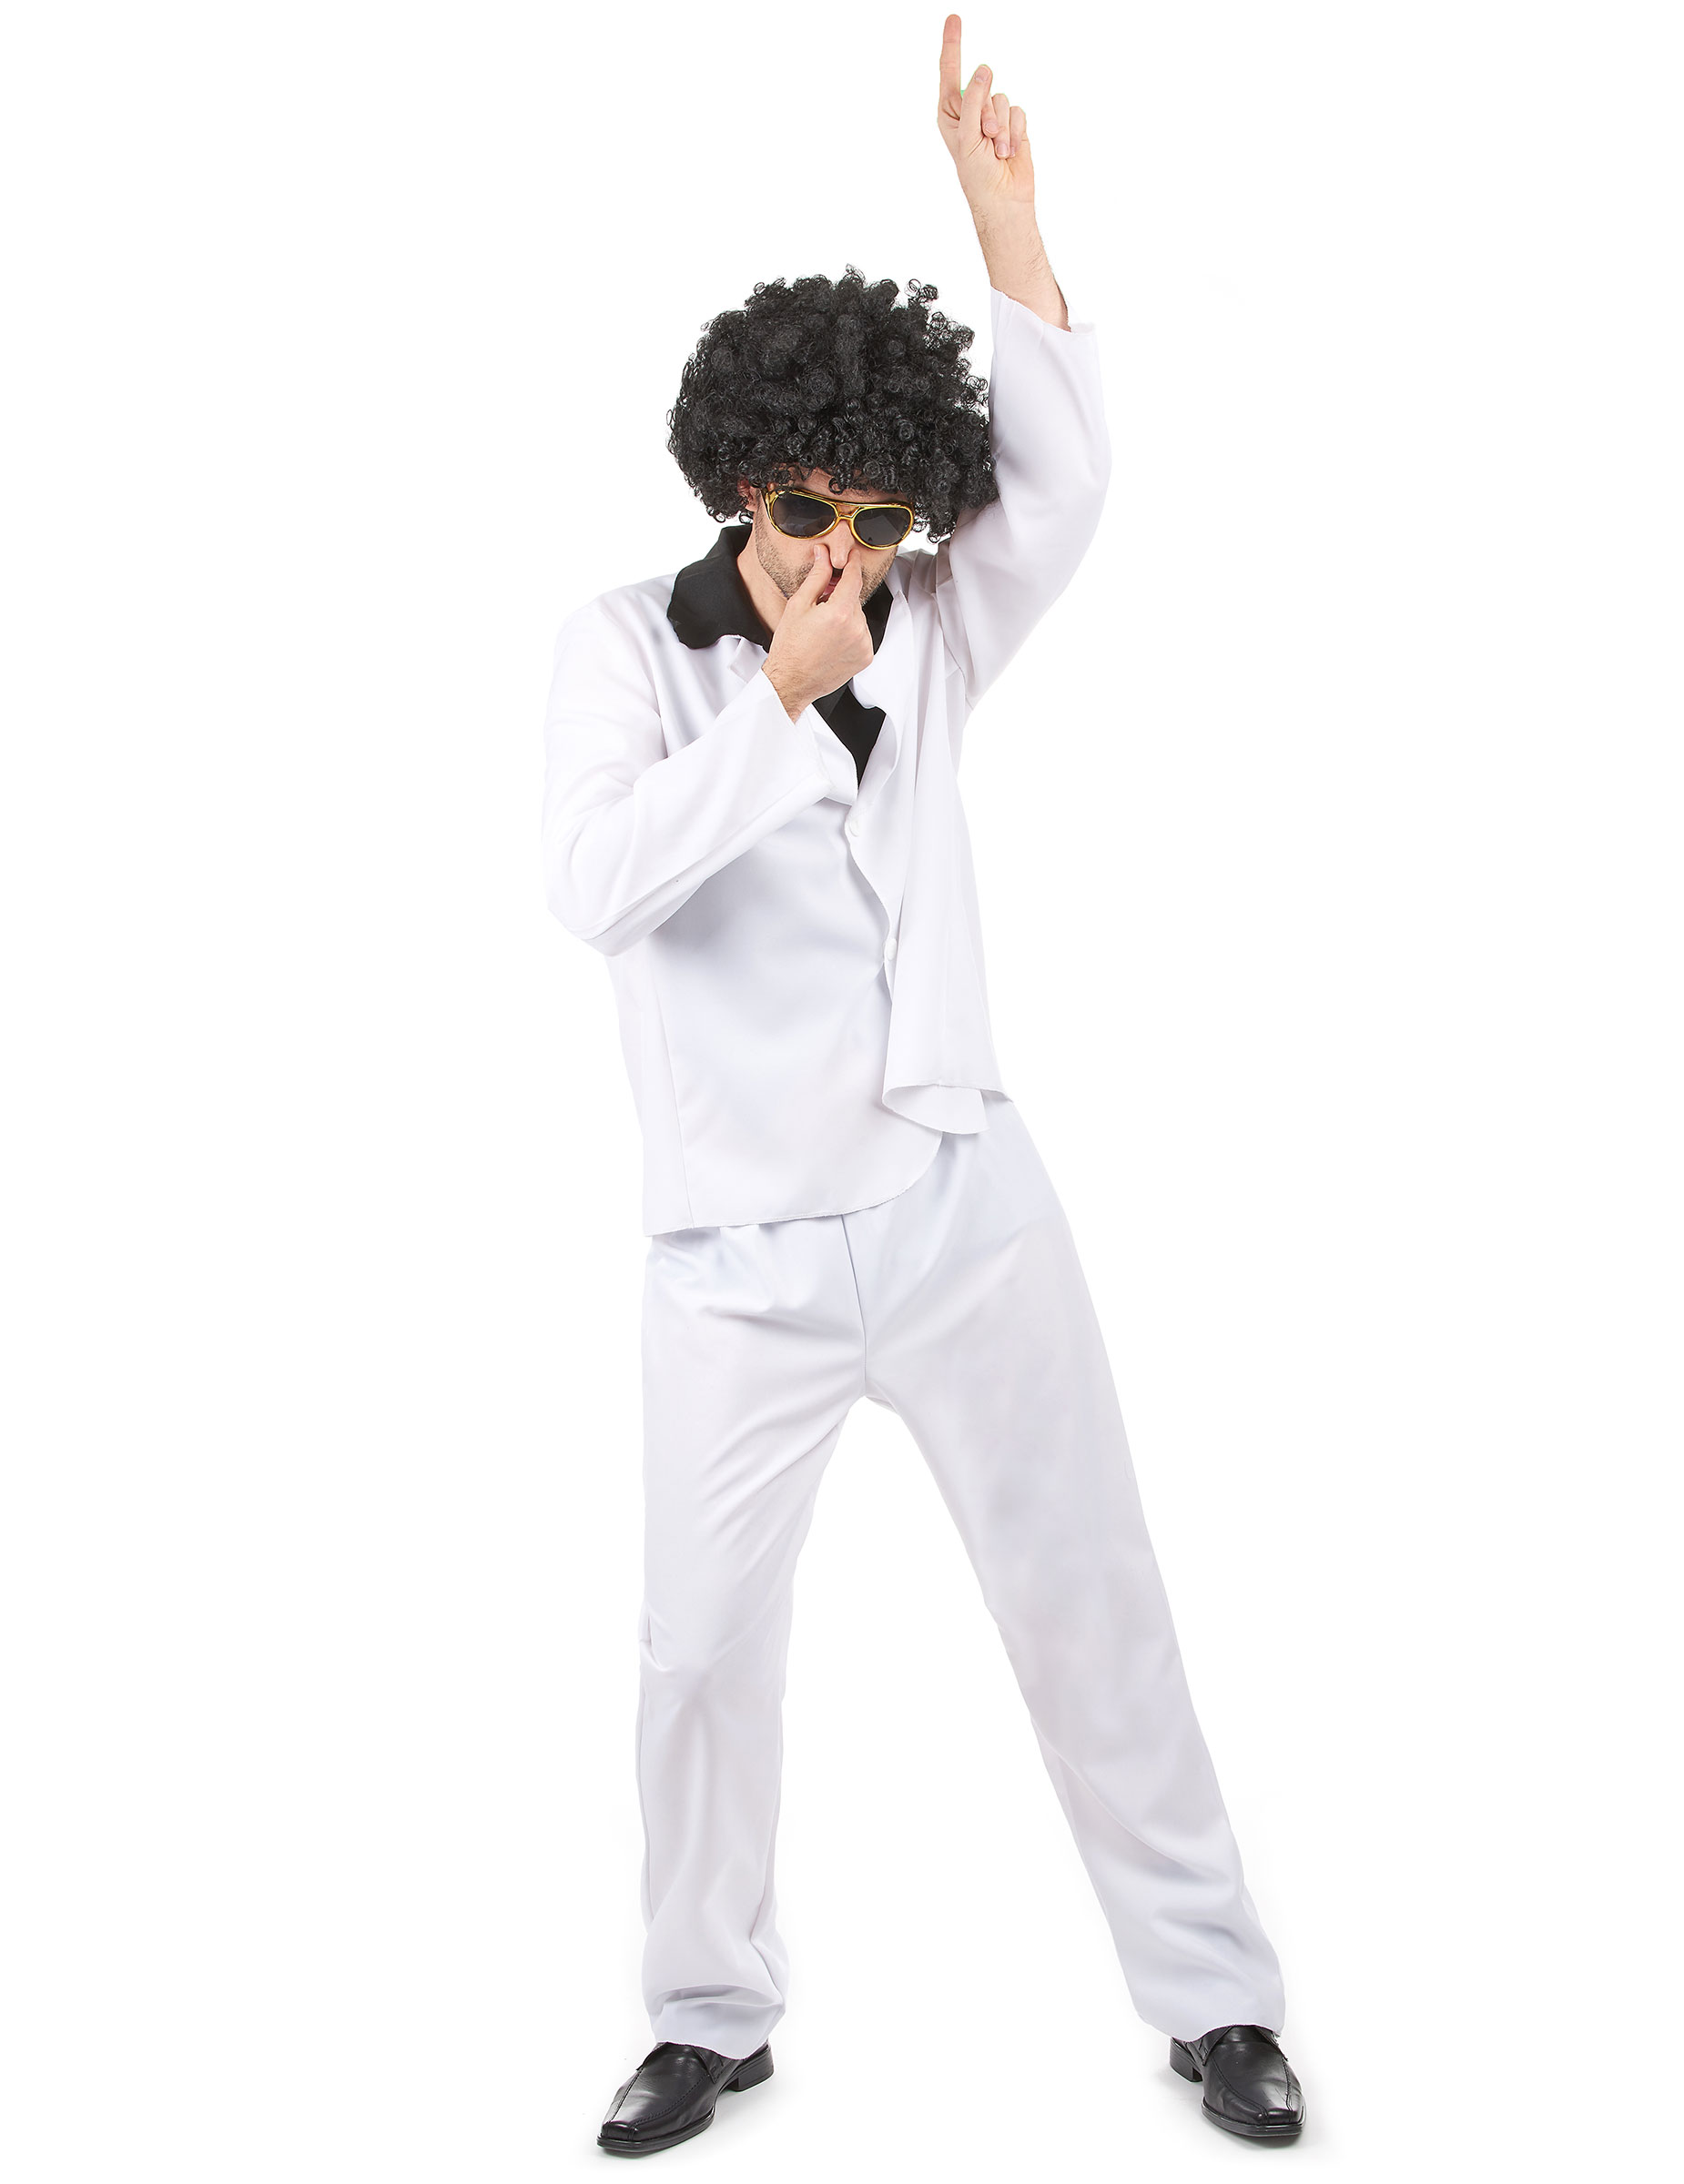 d guisement disco homme costume blanc chemise noire deguise toi achat de d guisements adultes. Black Bedroom Furniture Sets. Home Design Ideas